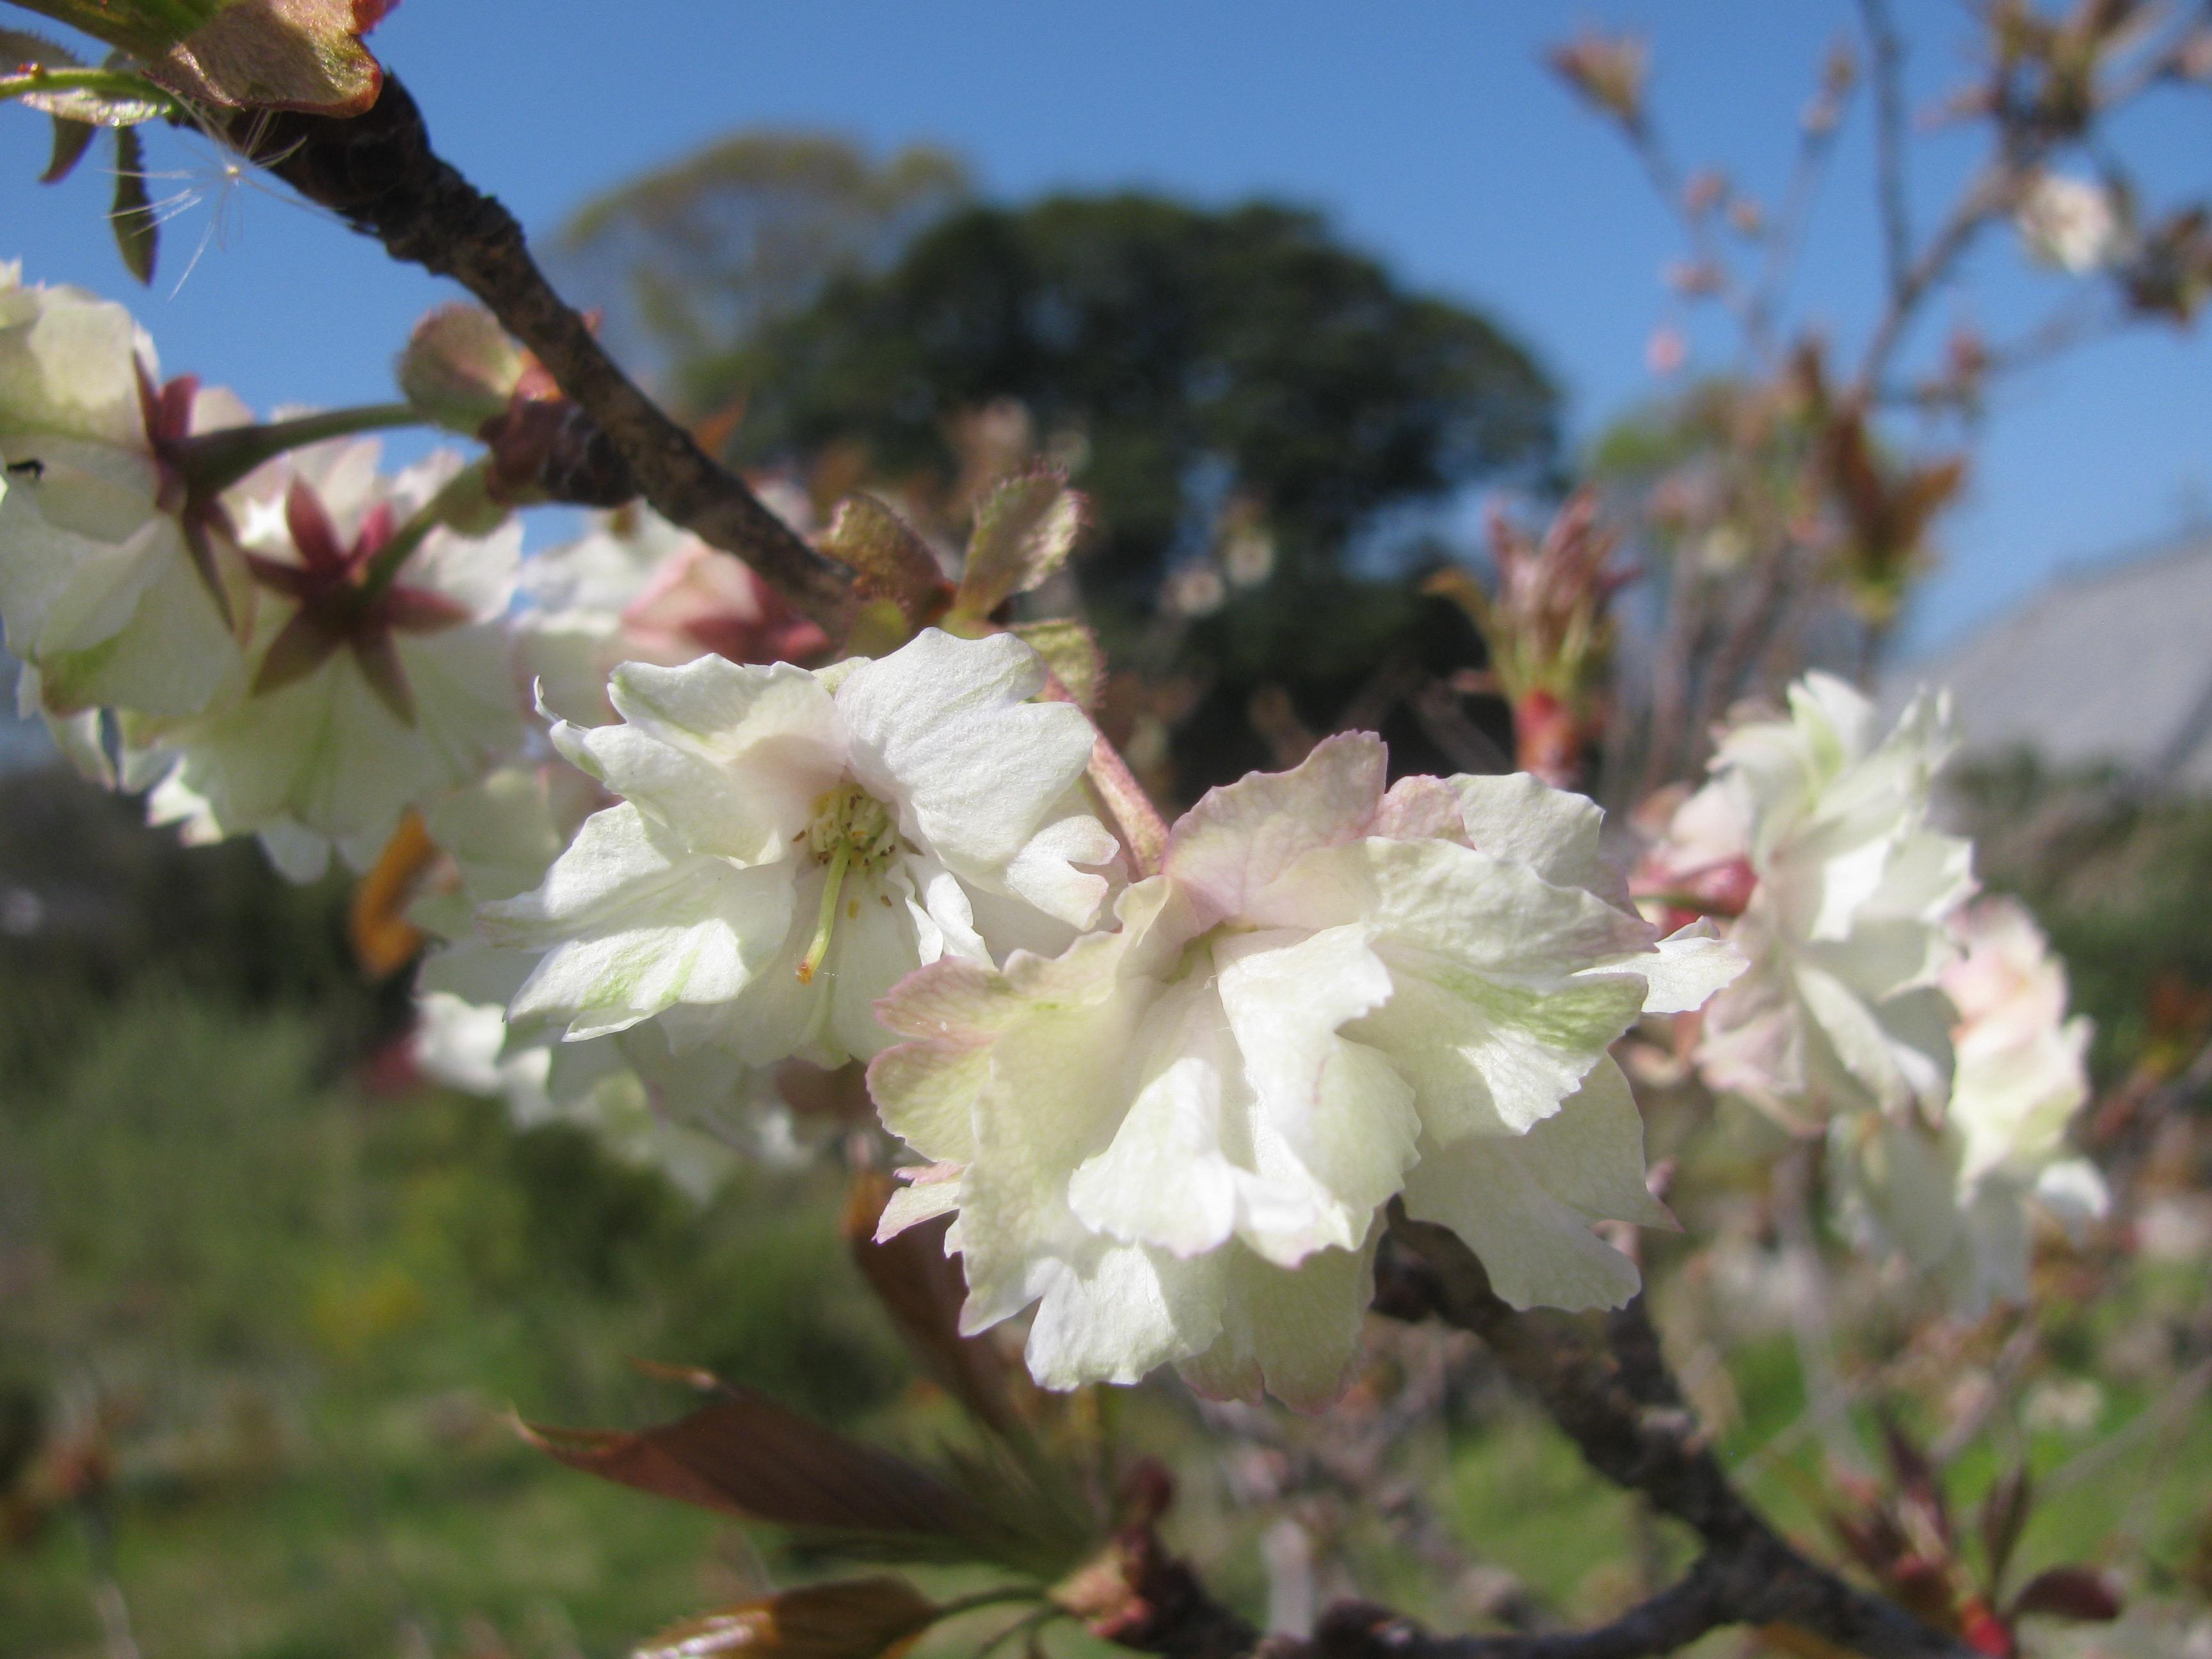 鬱金(うこん)桜が咲き始めました